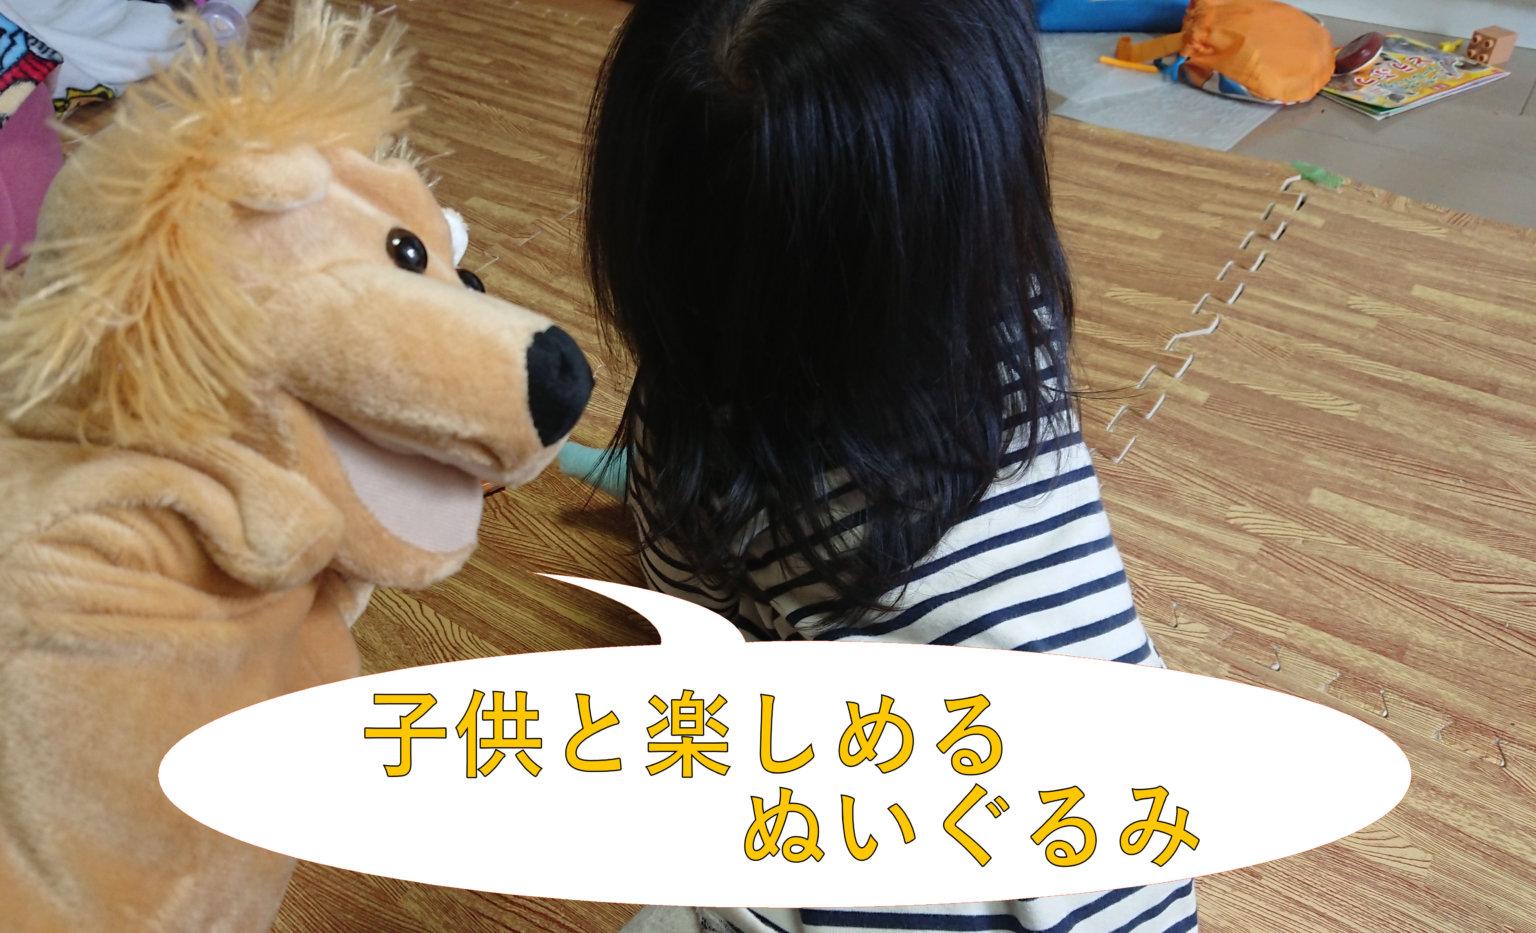 娘のおままごとで一緒に遊べる「ぬいぐるみや人形」【座るアンパンマンやハンドパペットの紹介】